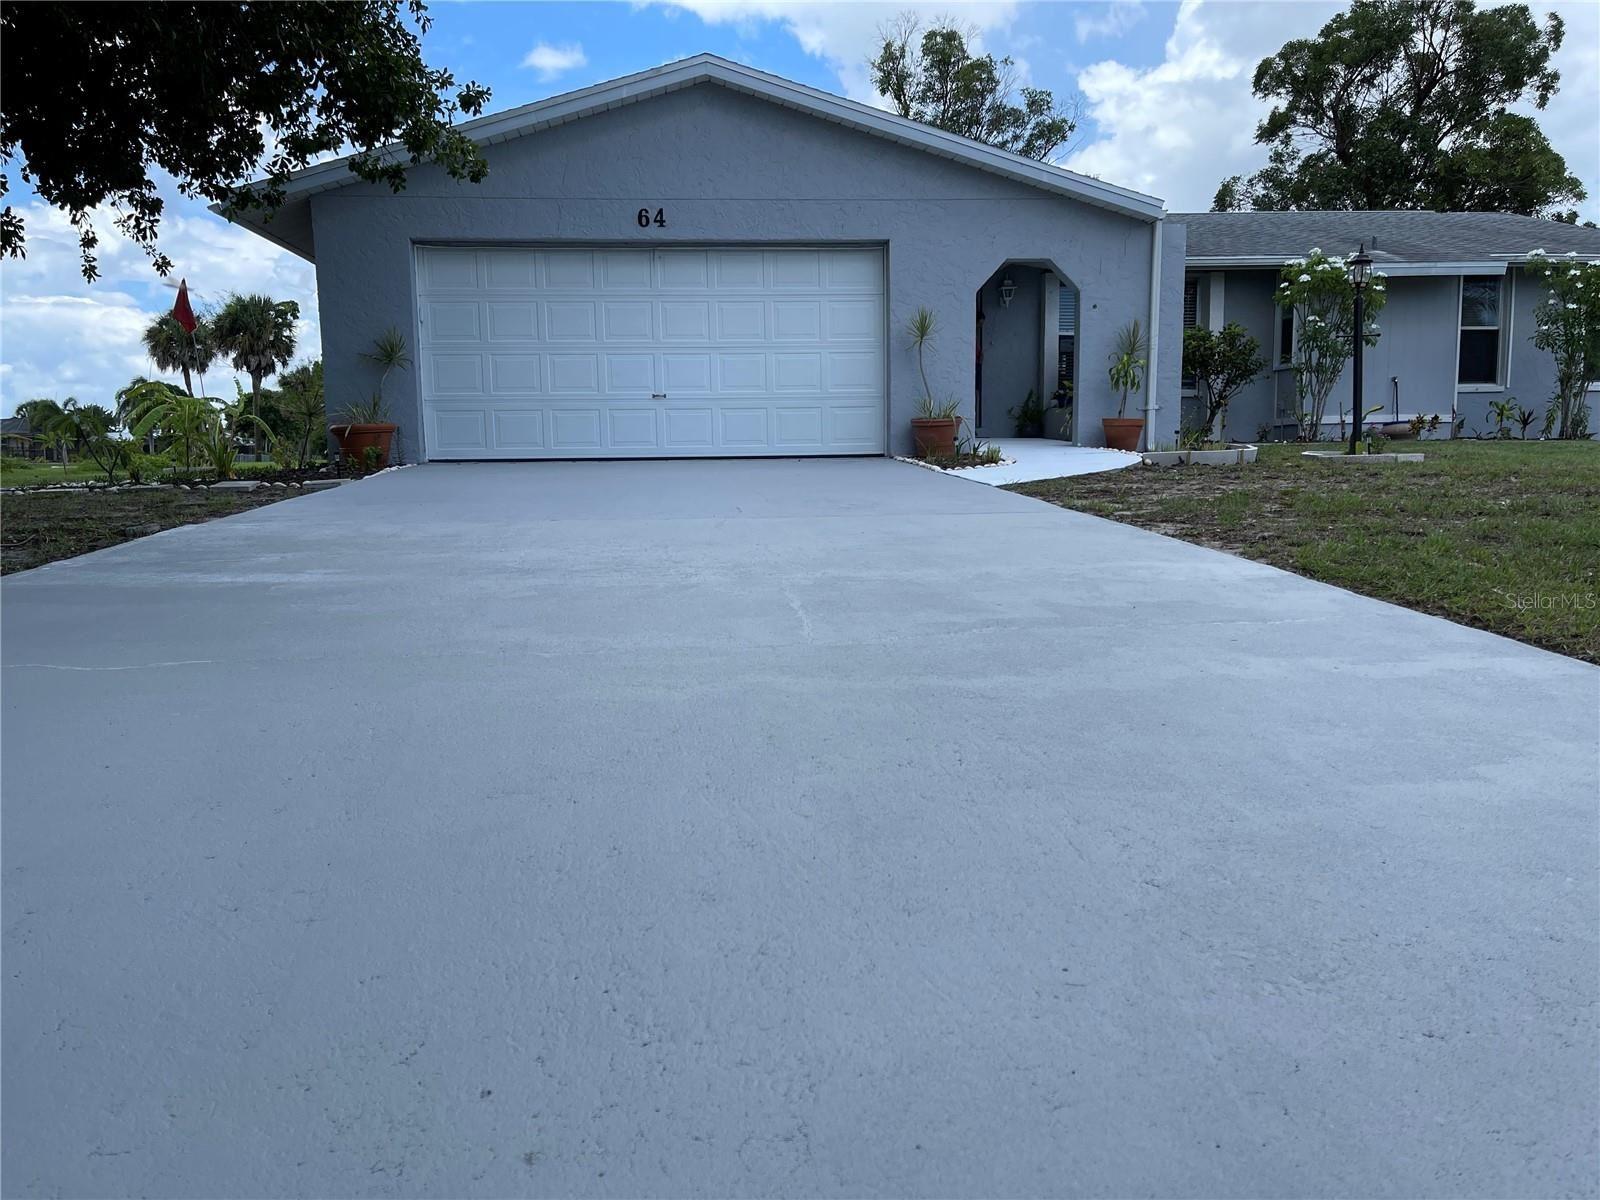 Photo of 64 ROTONDA CIRCLE, ROTONDA WEST, FL 33947 (MLS # D6120050)